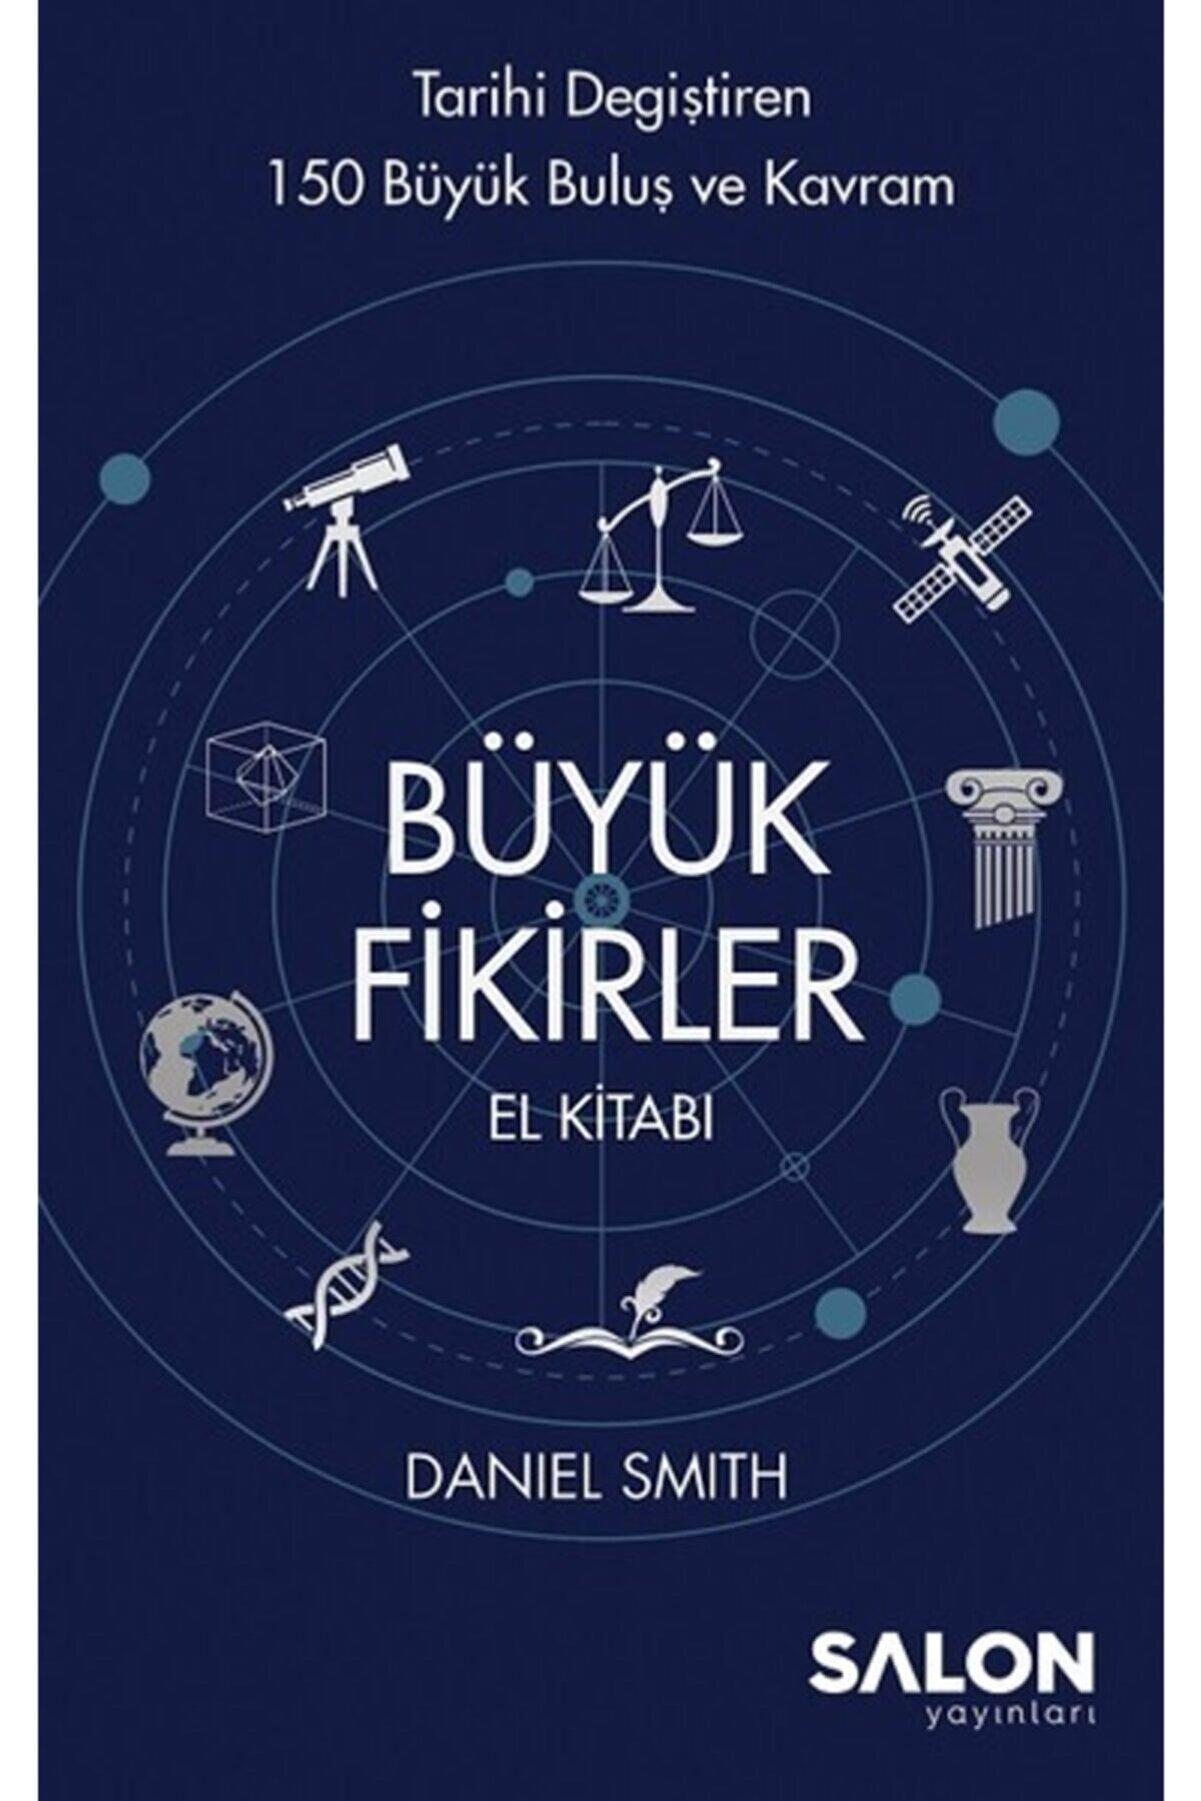 Salon Yayınları Büyük Fikirler El Kitabı